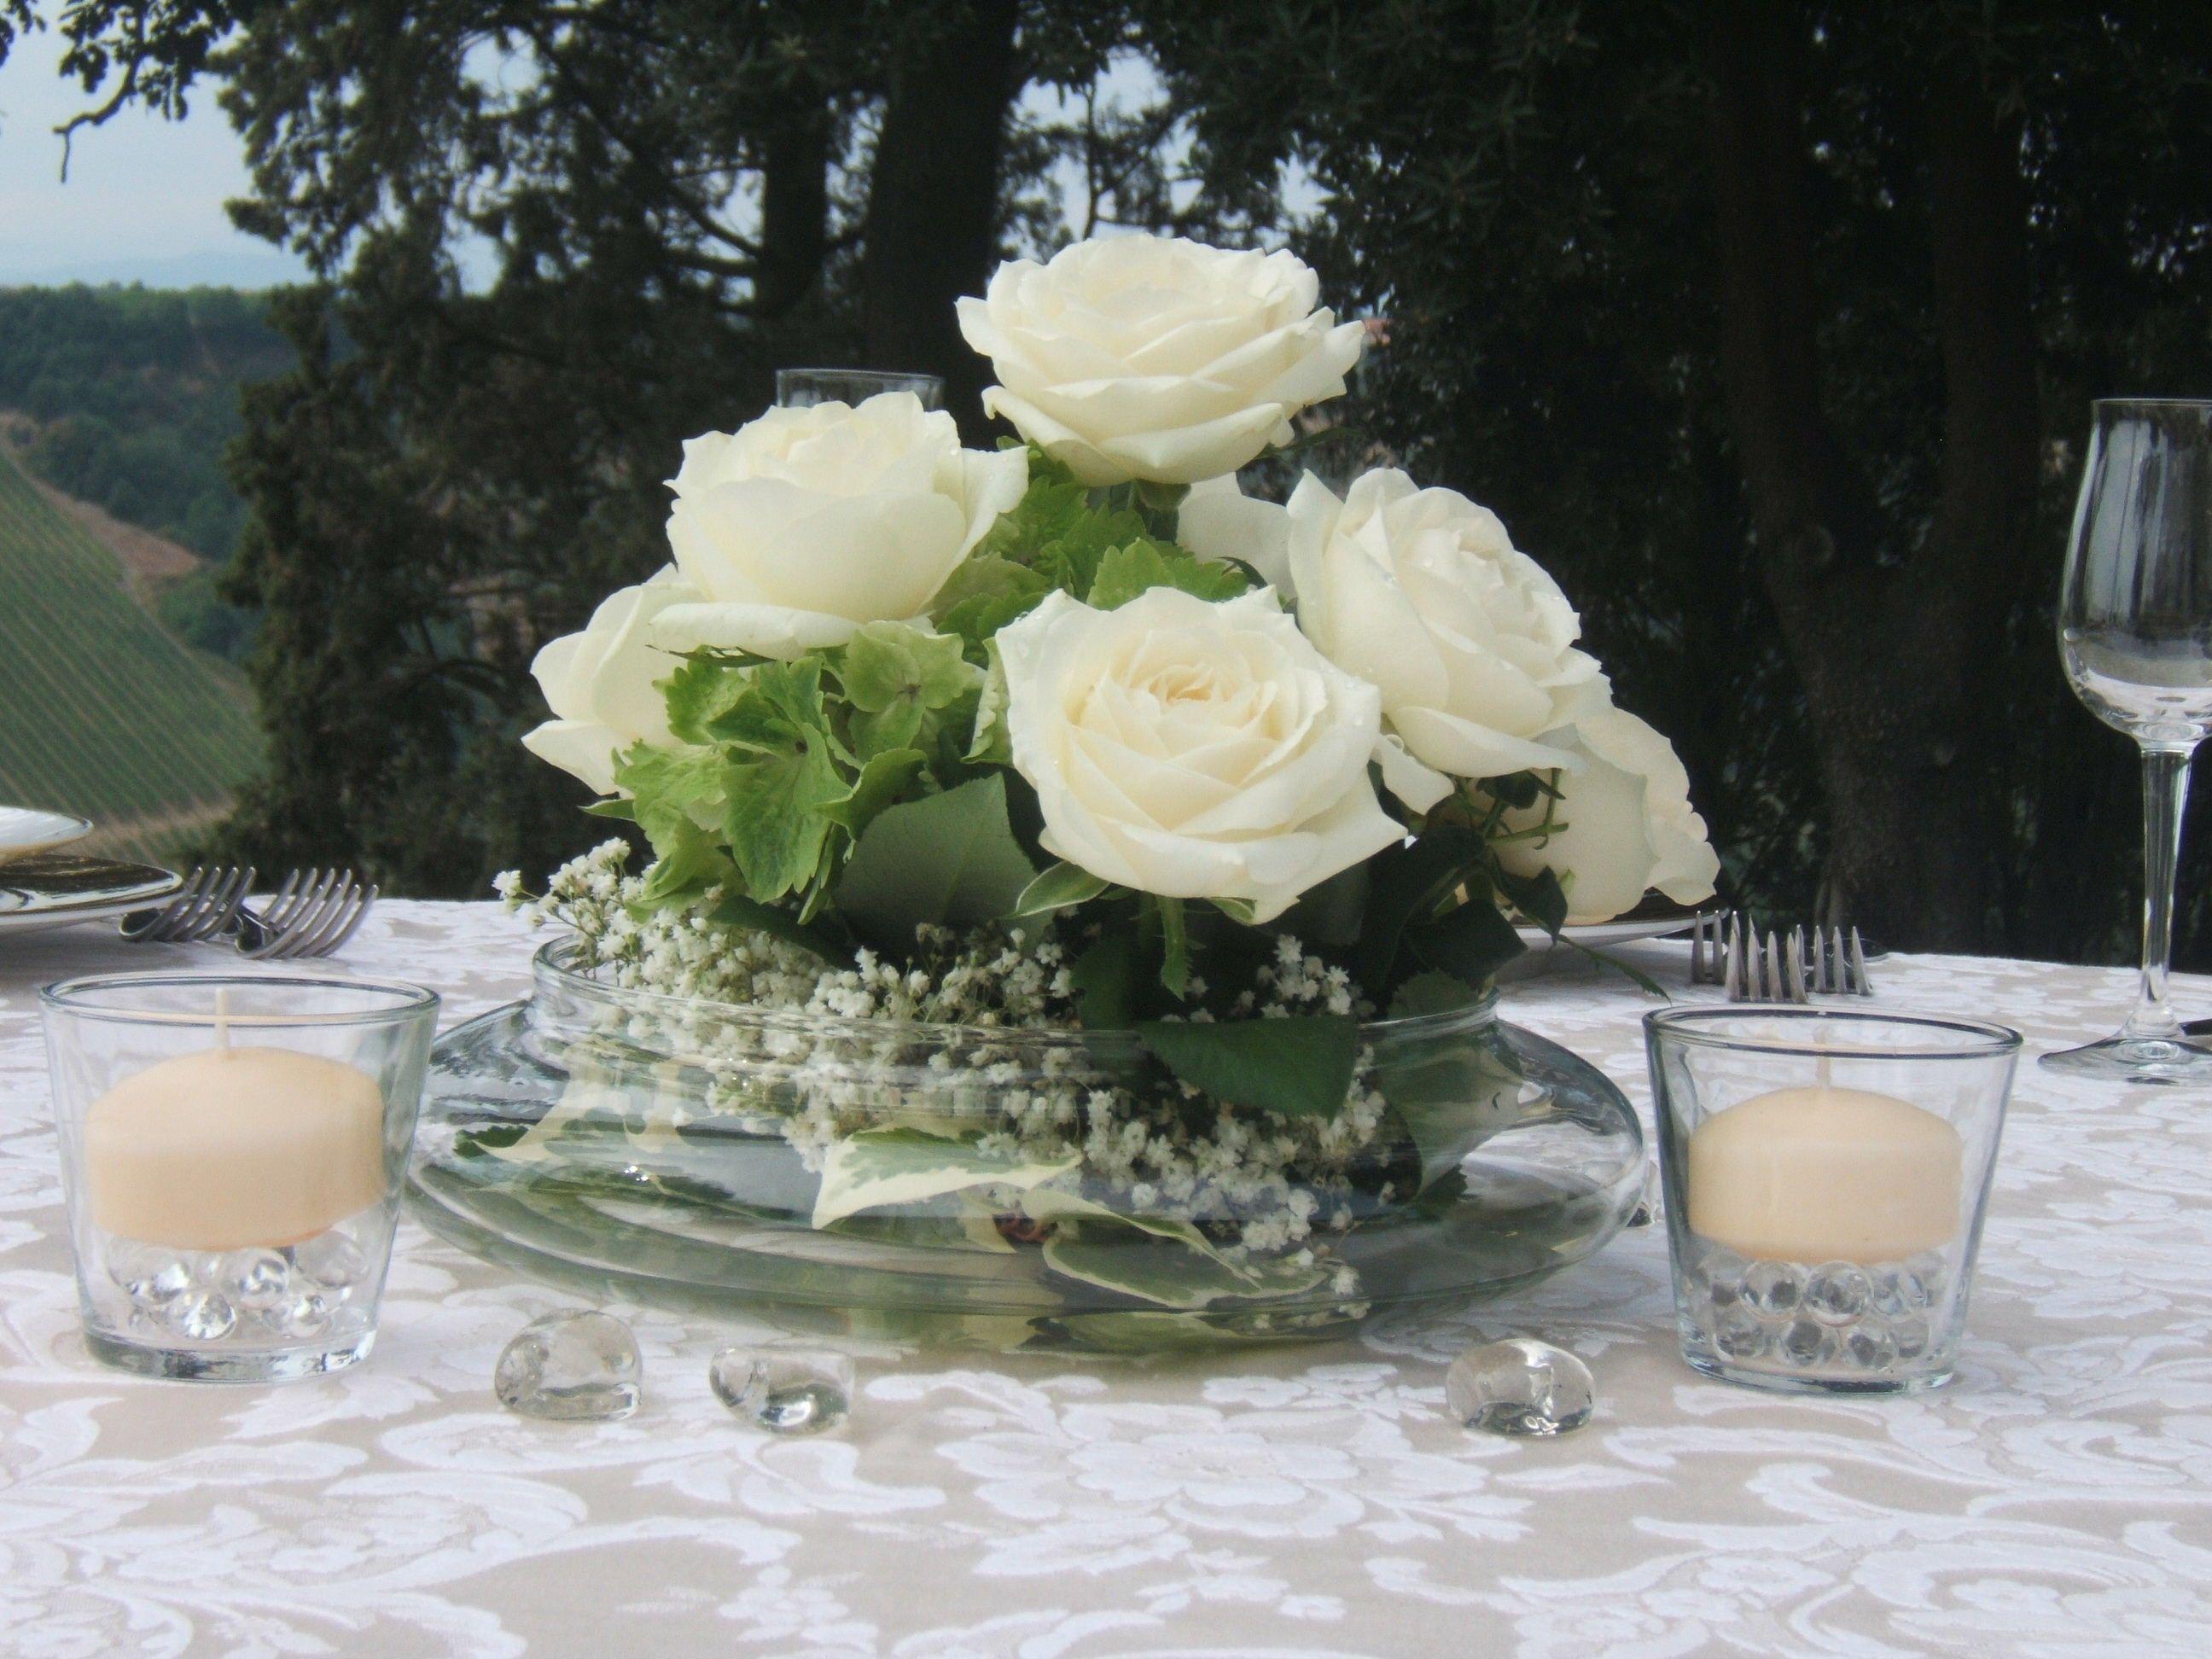 Matrimonio Centrotavola Con Rose Bianche In Vaso Di Vetro Con Decorazioni In Vetro E Cand Centrotavola Matrimoniali Centrotavola Matrimonio Centrotavola Rosa